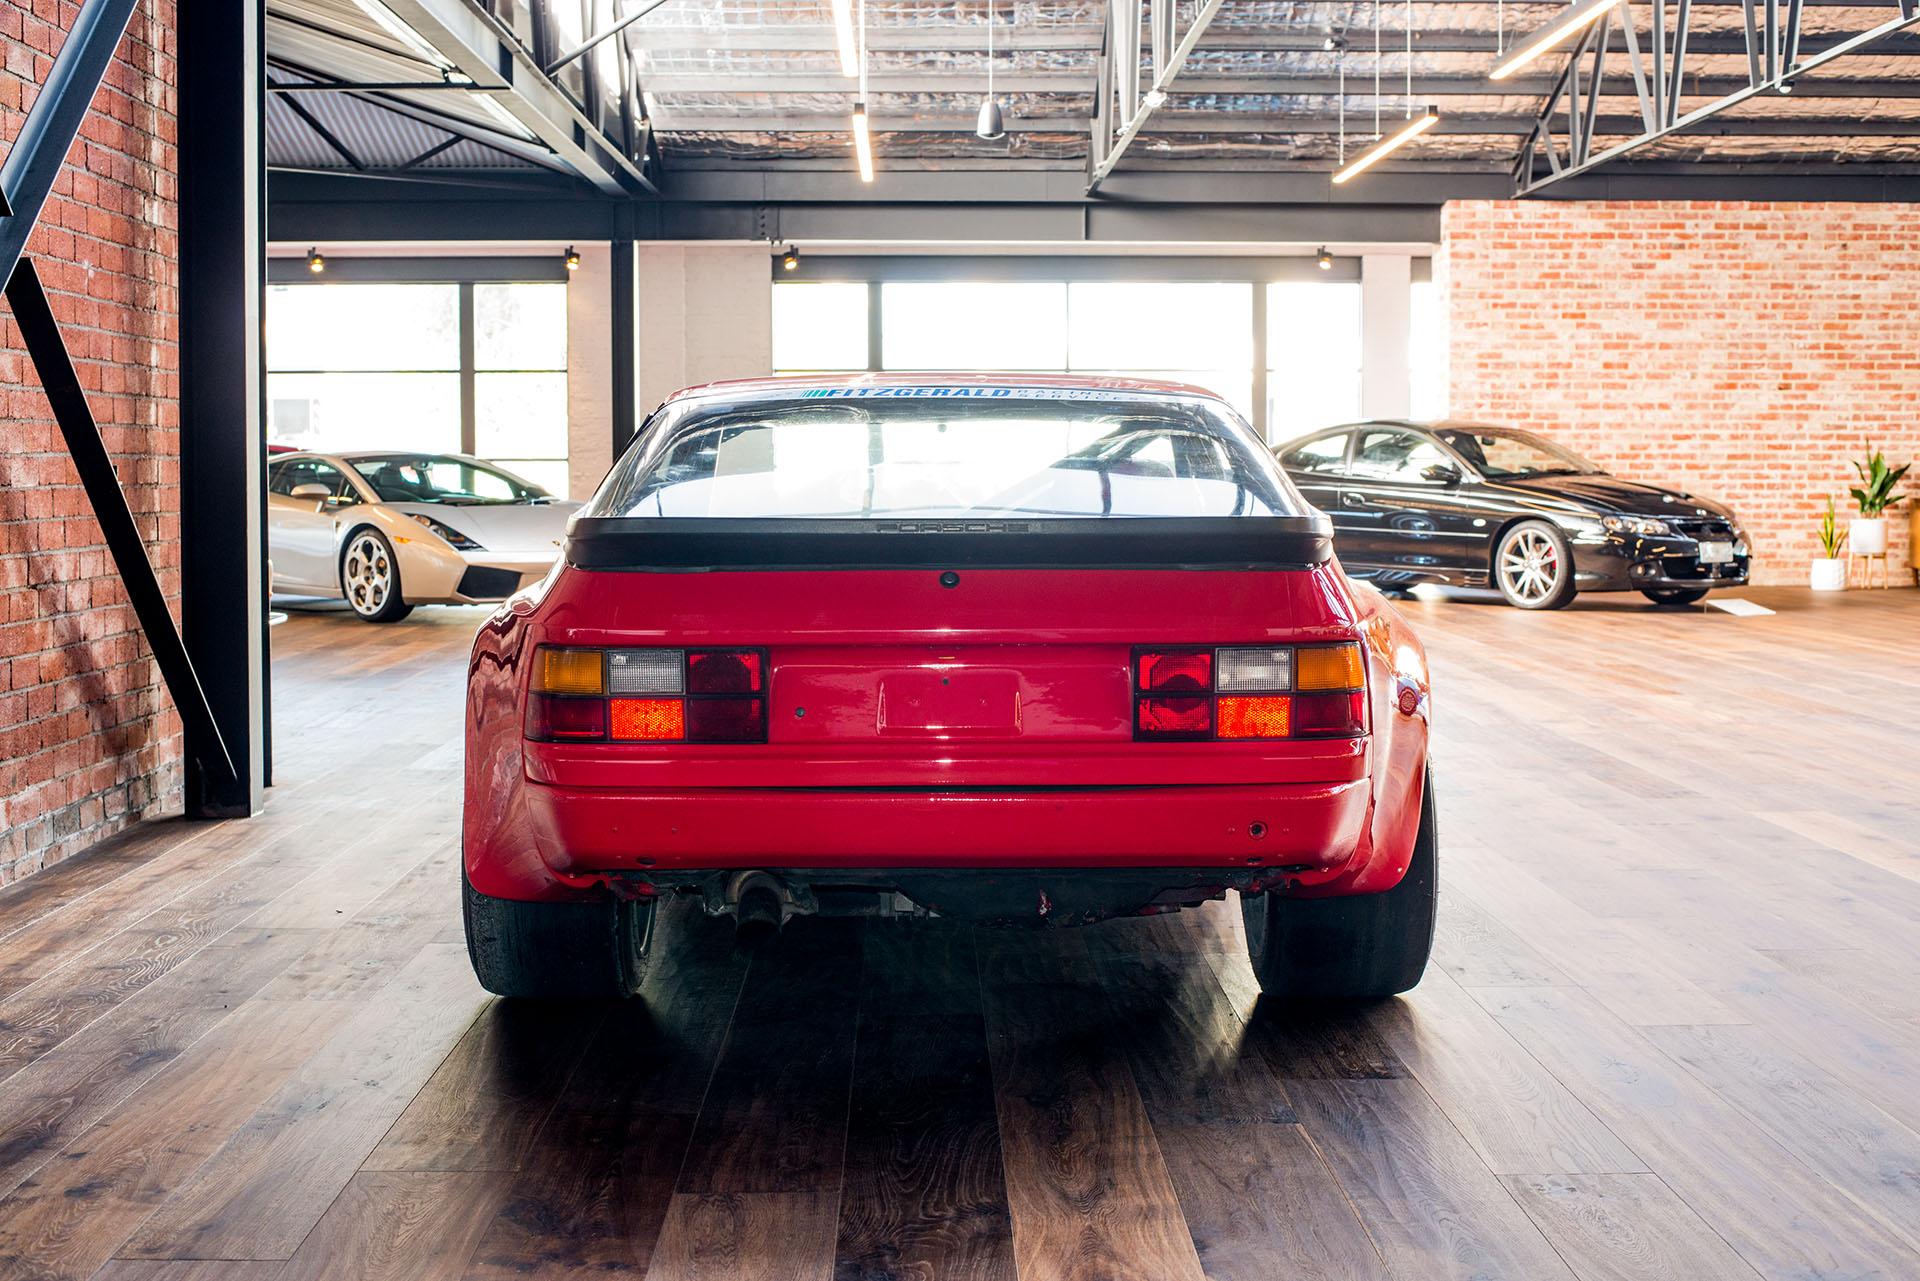 1986 Porsche 944 Turbo - Richmonds - Classic and Prestige Cars ...